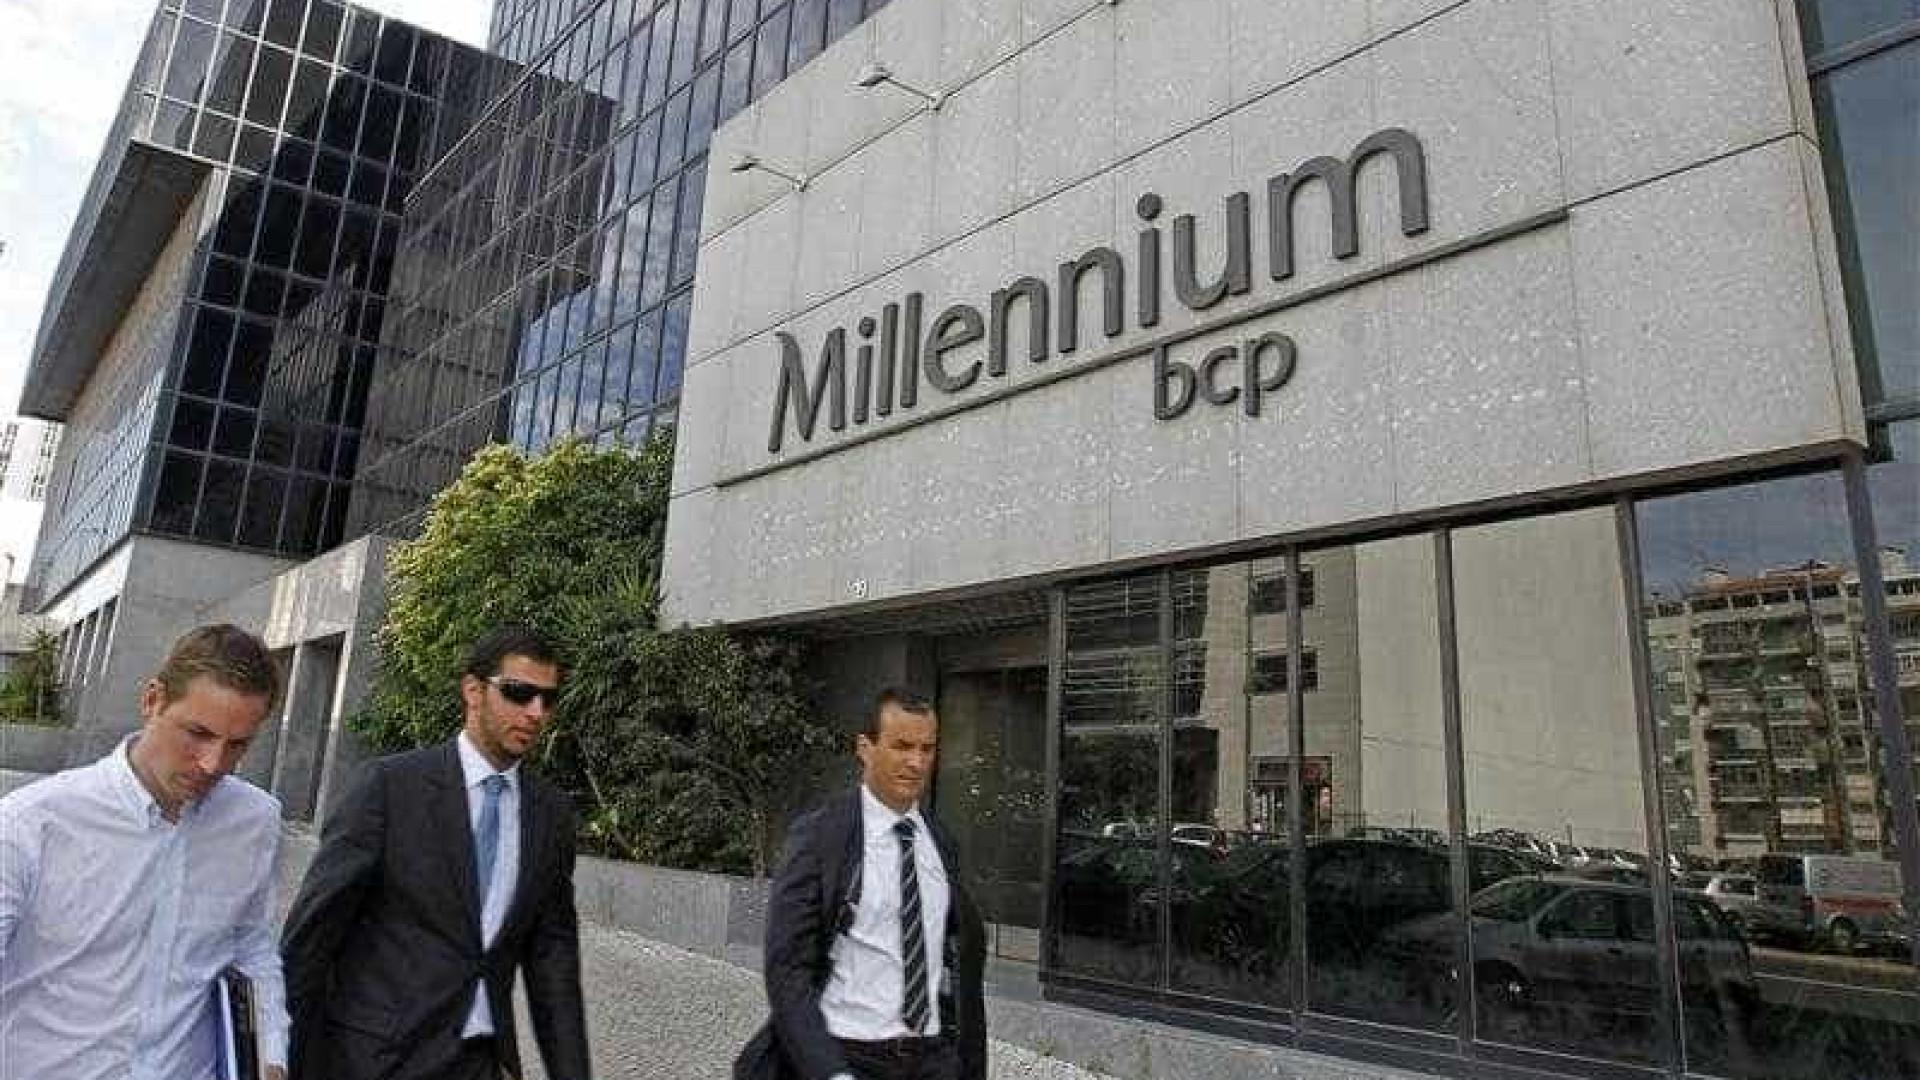 Ações do BCP lideram ganhos e sobem quase 10%